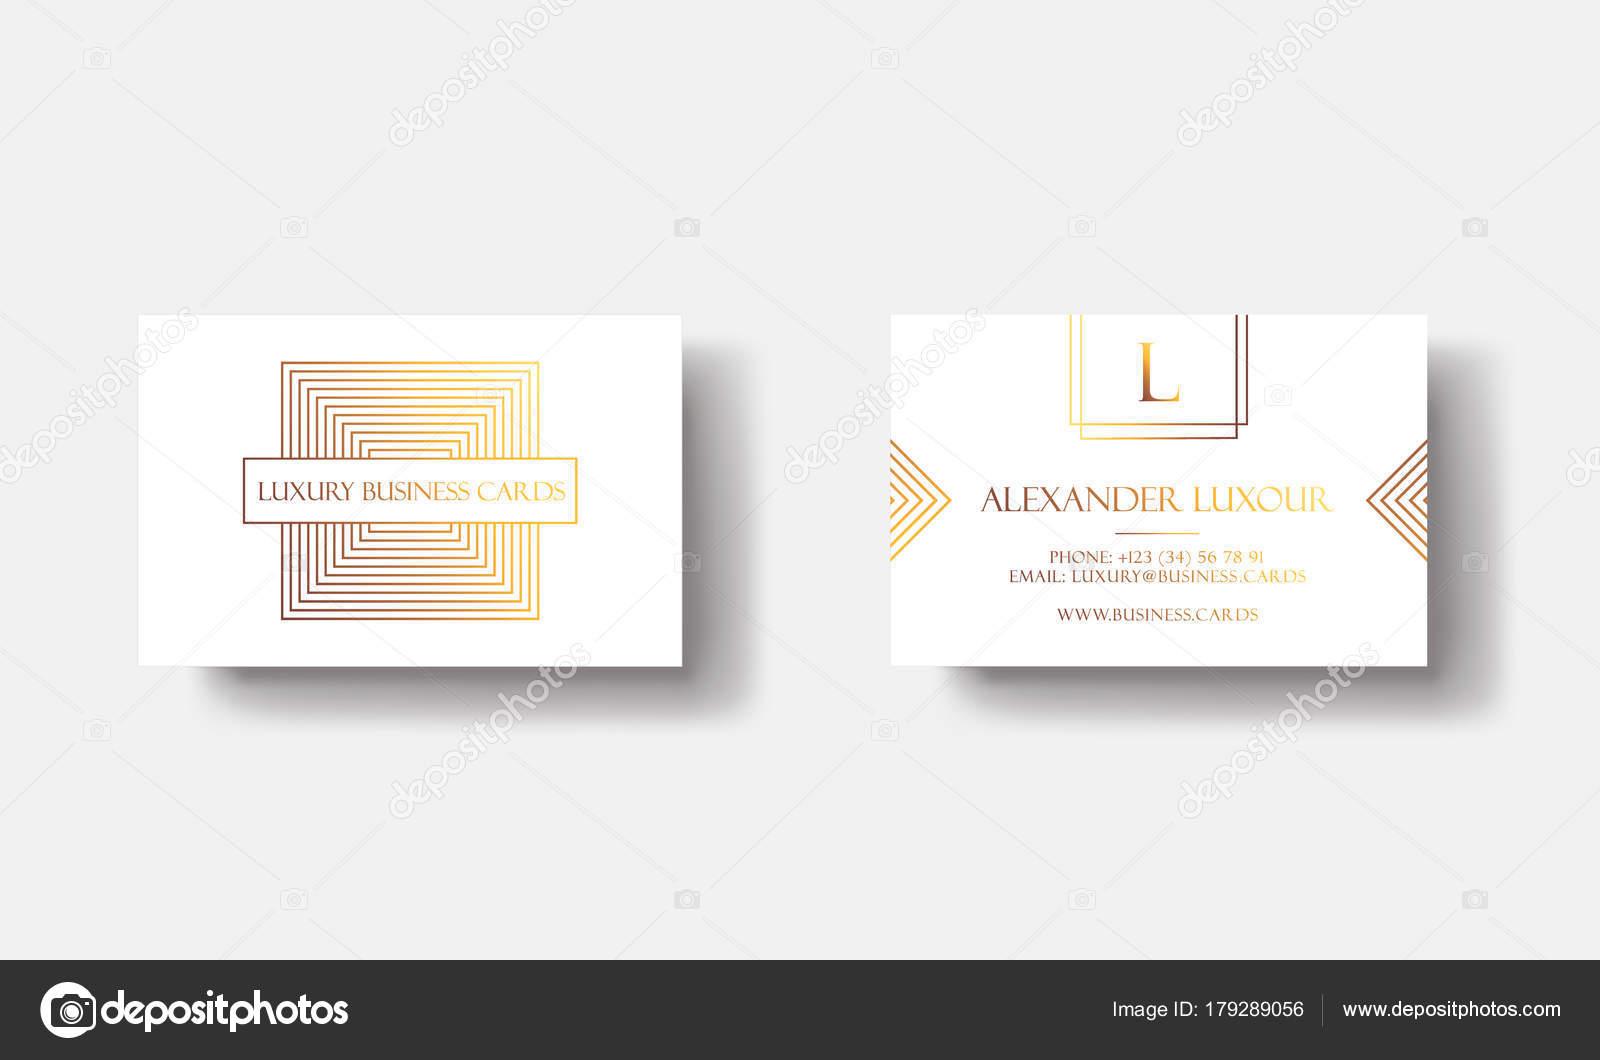 Cartes De Visite Or Blanc Luxe Pour Evenement Vip Elegante Carte Voeux Avec Motif Geometrique Carre Dore Banniere Ou Invitation Logo